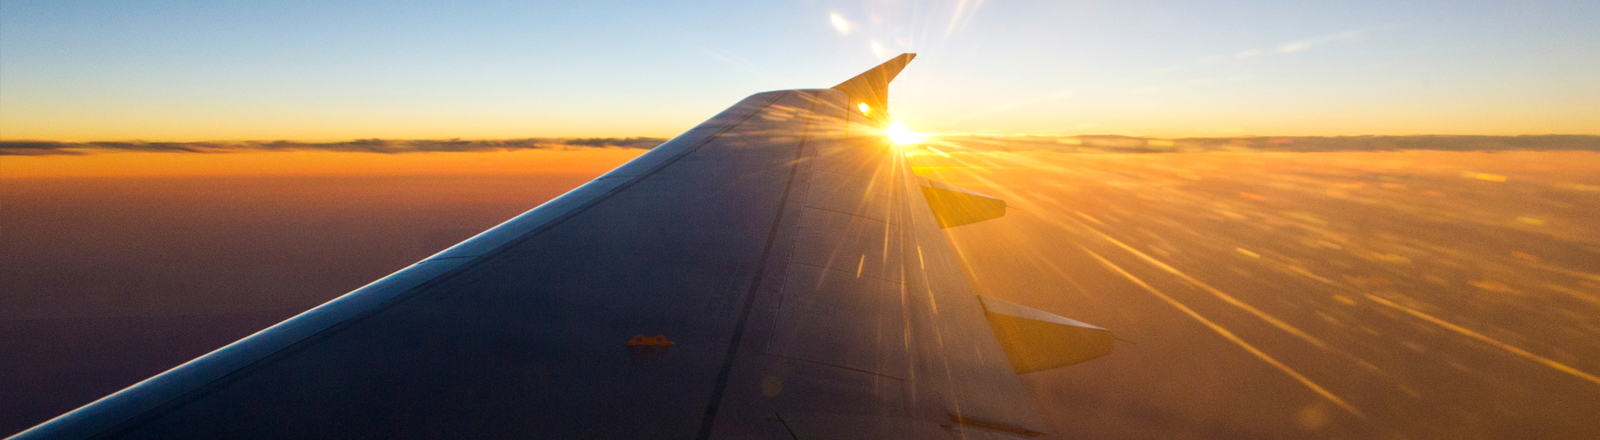 Ein Flugzeugflügel an dessen Tragflächenspitze die Sonne über den Horizont glüht